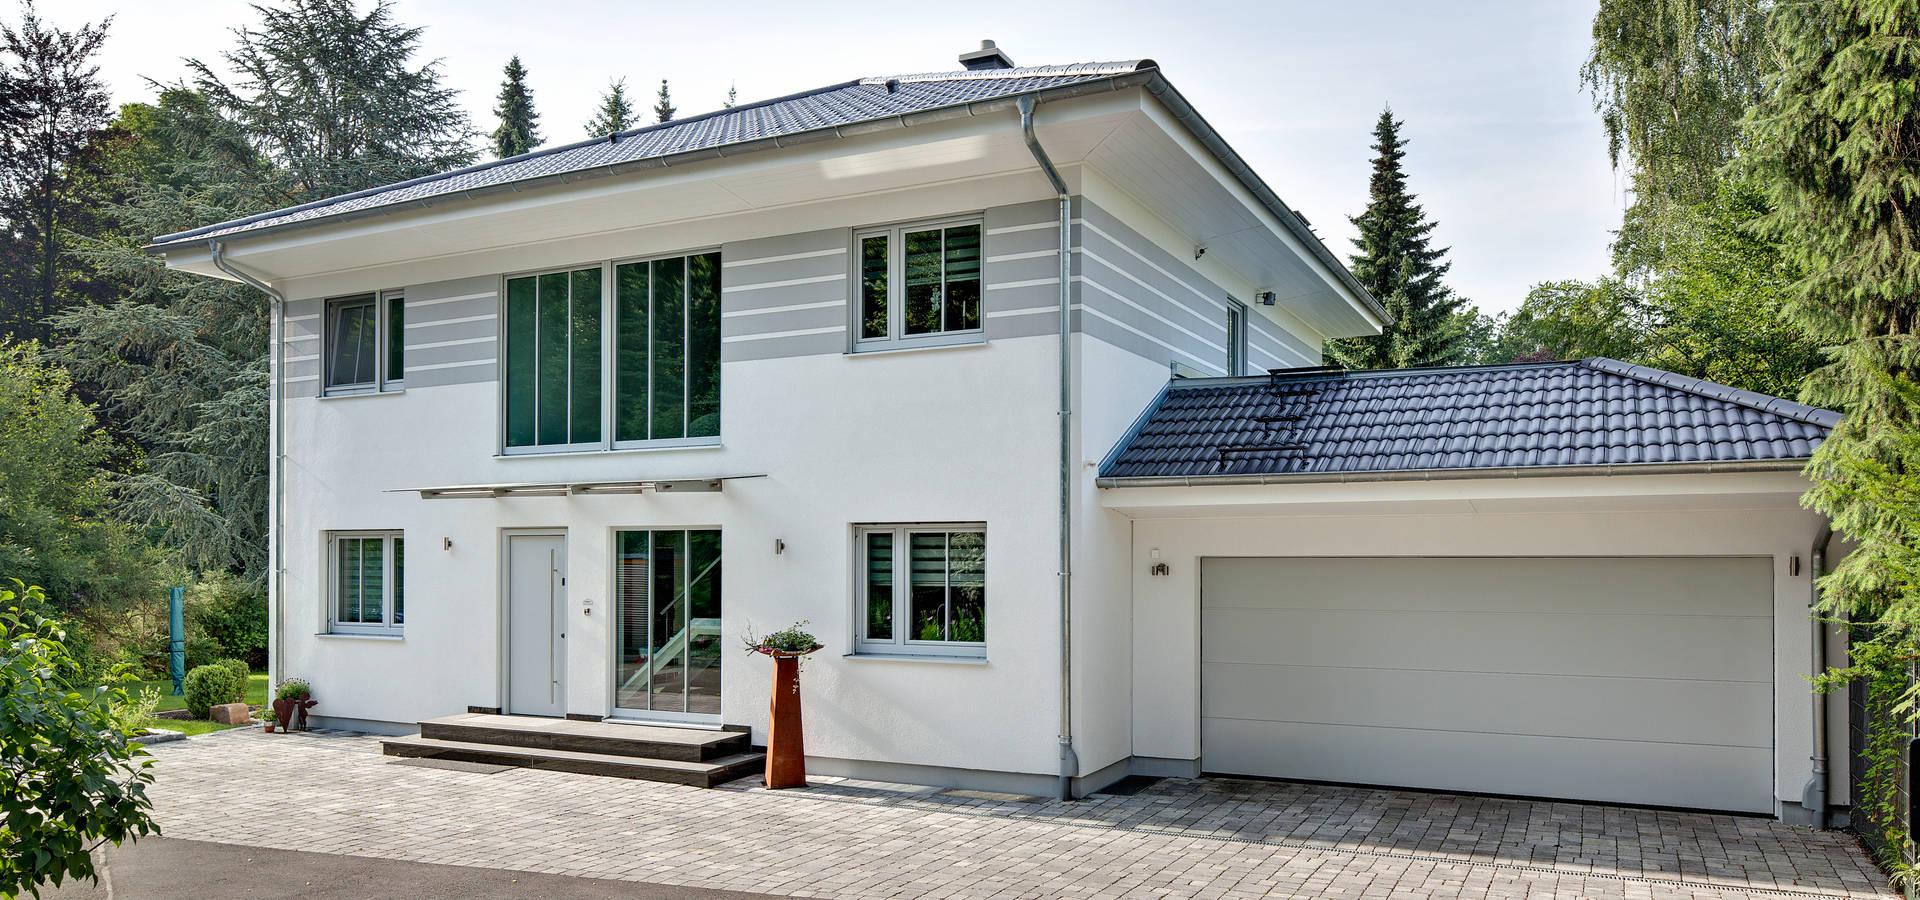 LUXHAUS Vertrieb GmbH & Co. KG